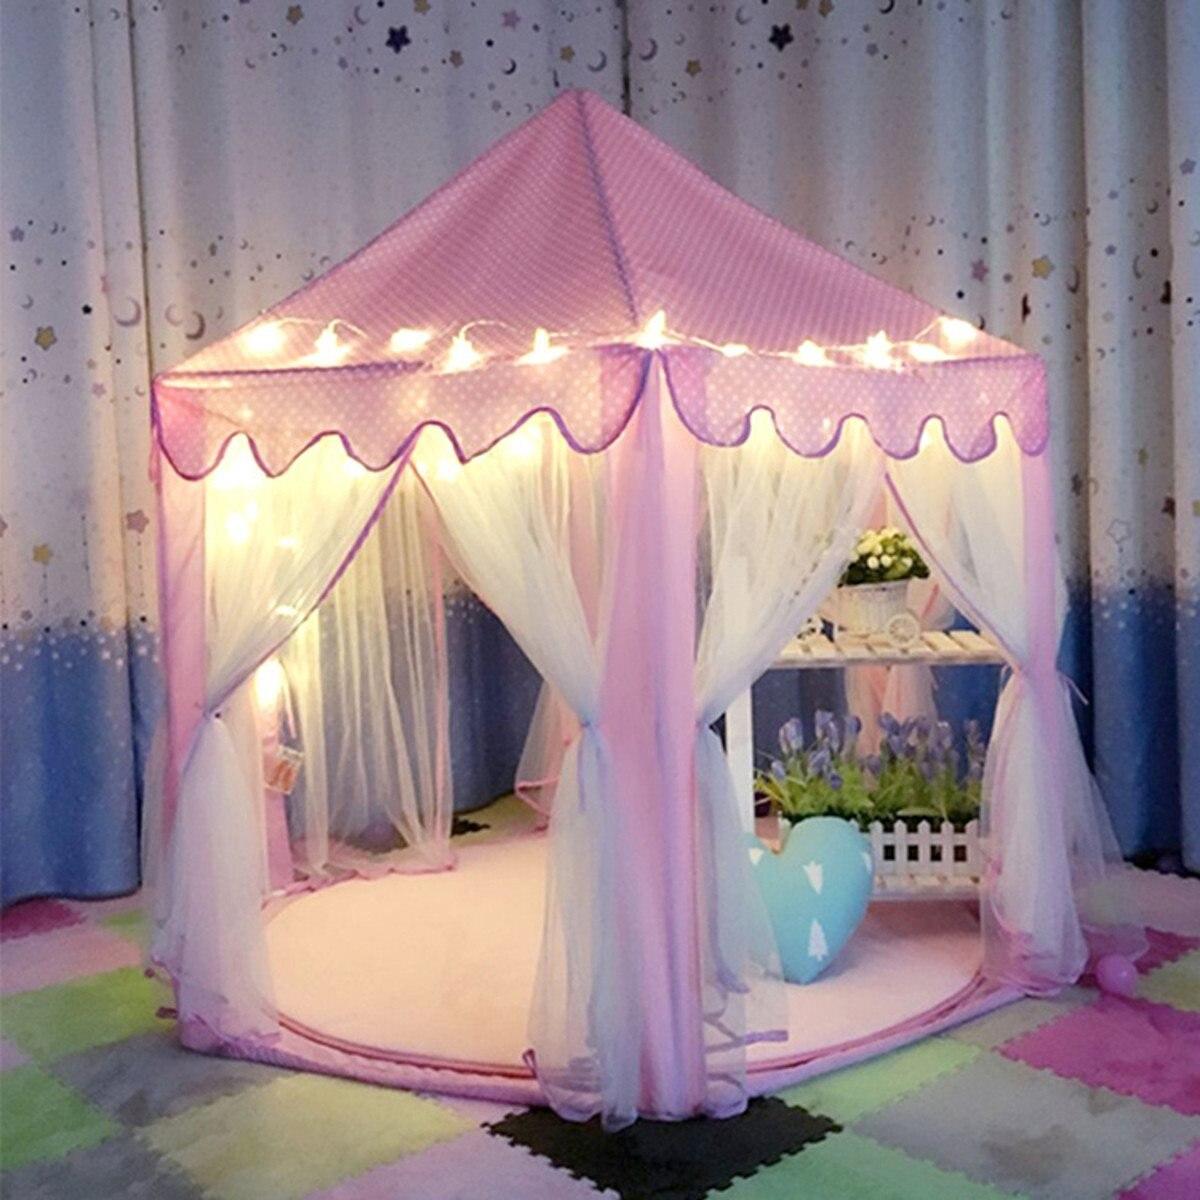 Прекрасный Обувь для девочек розовый Замок принцессы Милые театр Для детей играть палатка открытый Игрушечные лошадки палатка для Для дете...